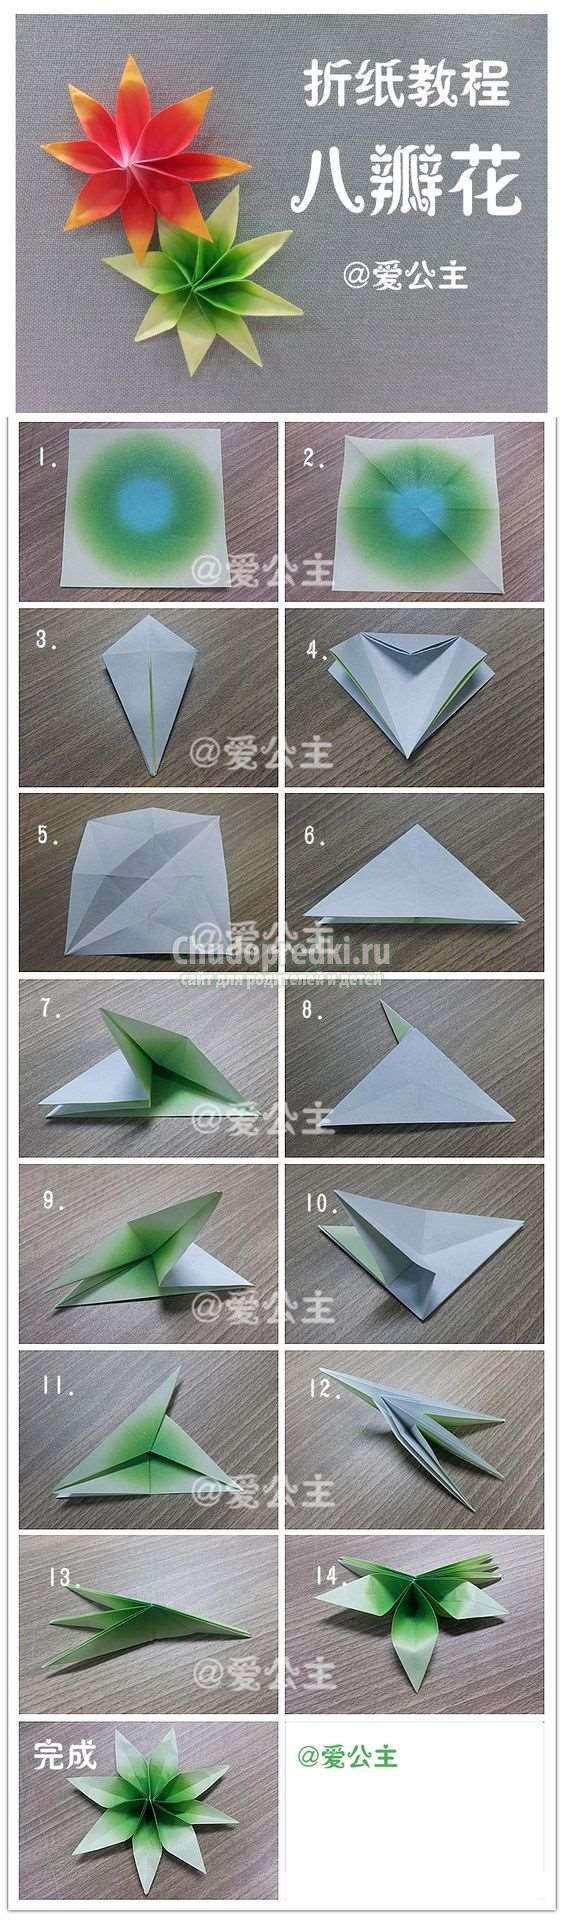 незабудка оригами из цветной бумаги пошагово нас продаже готовые